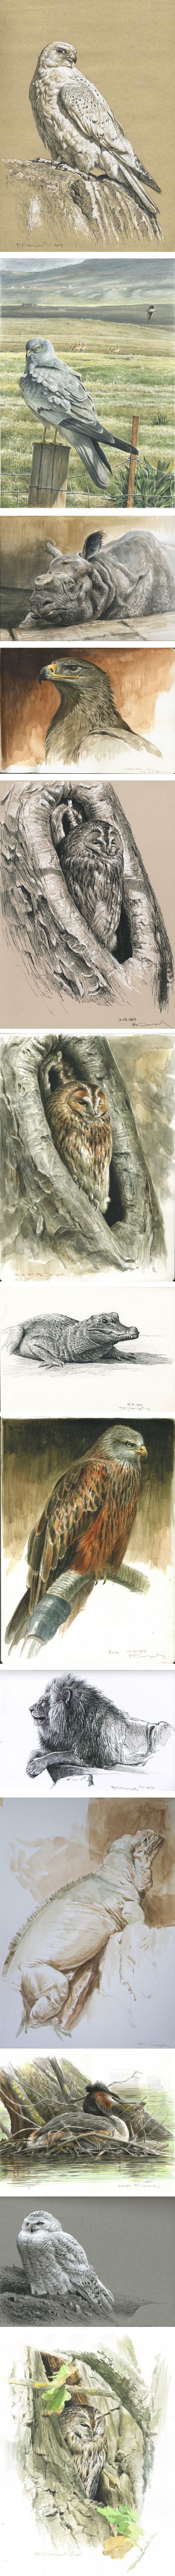 Paschalis Dougalis, wildlife art, watercolors pen and ink